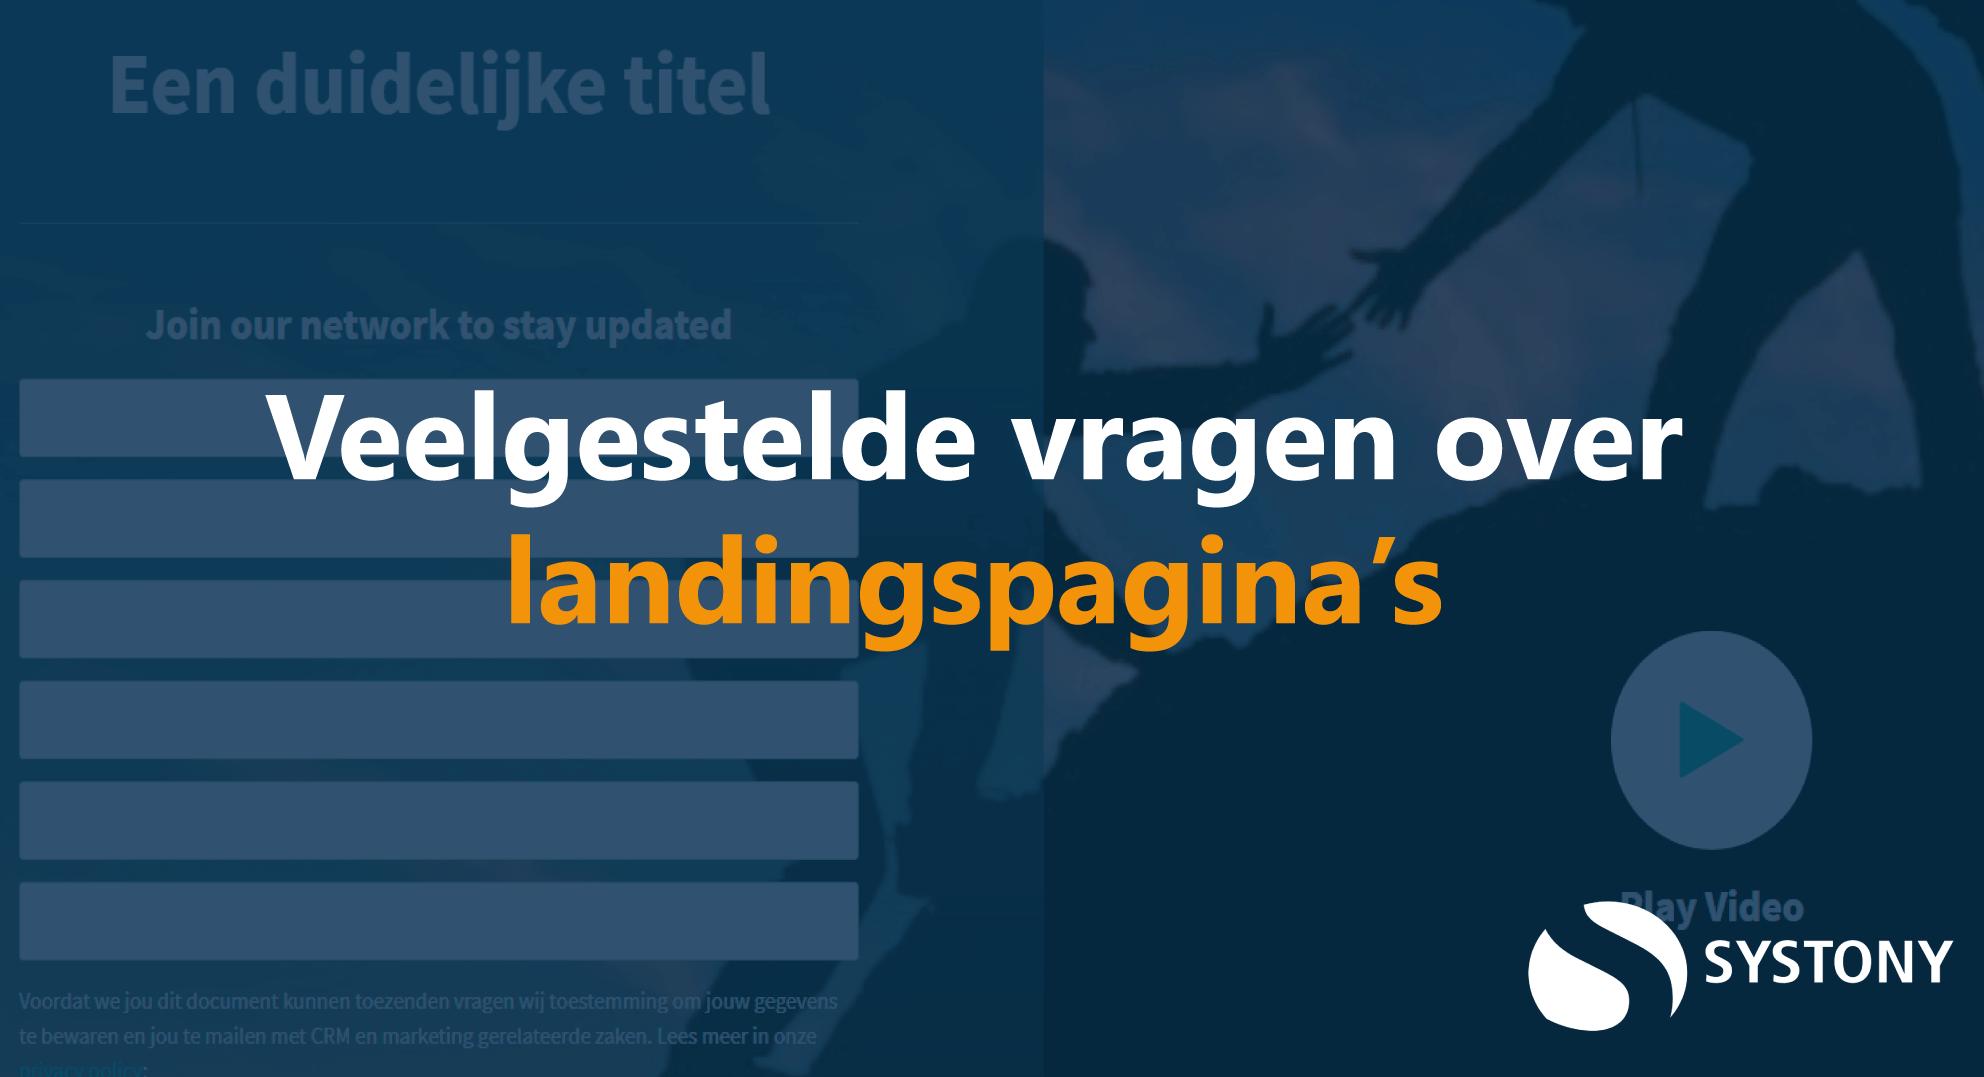 vragen_over_landingspaginas